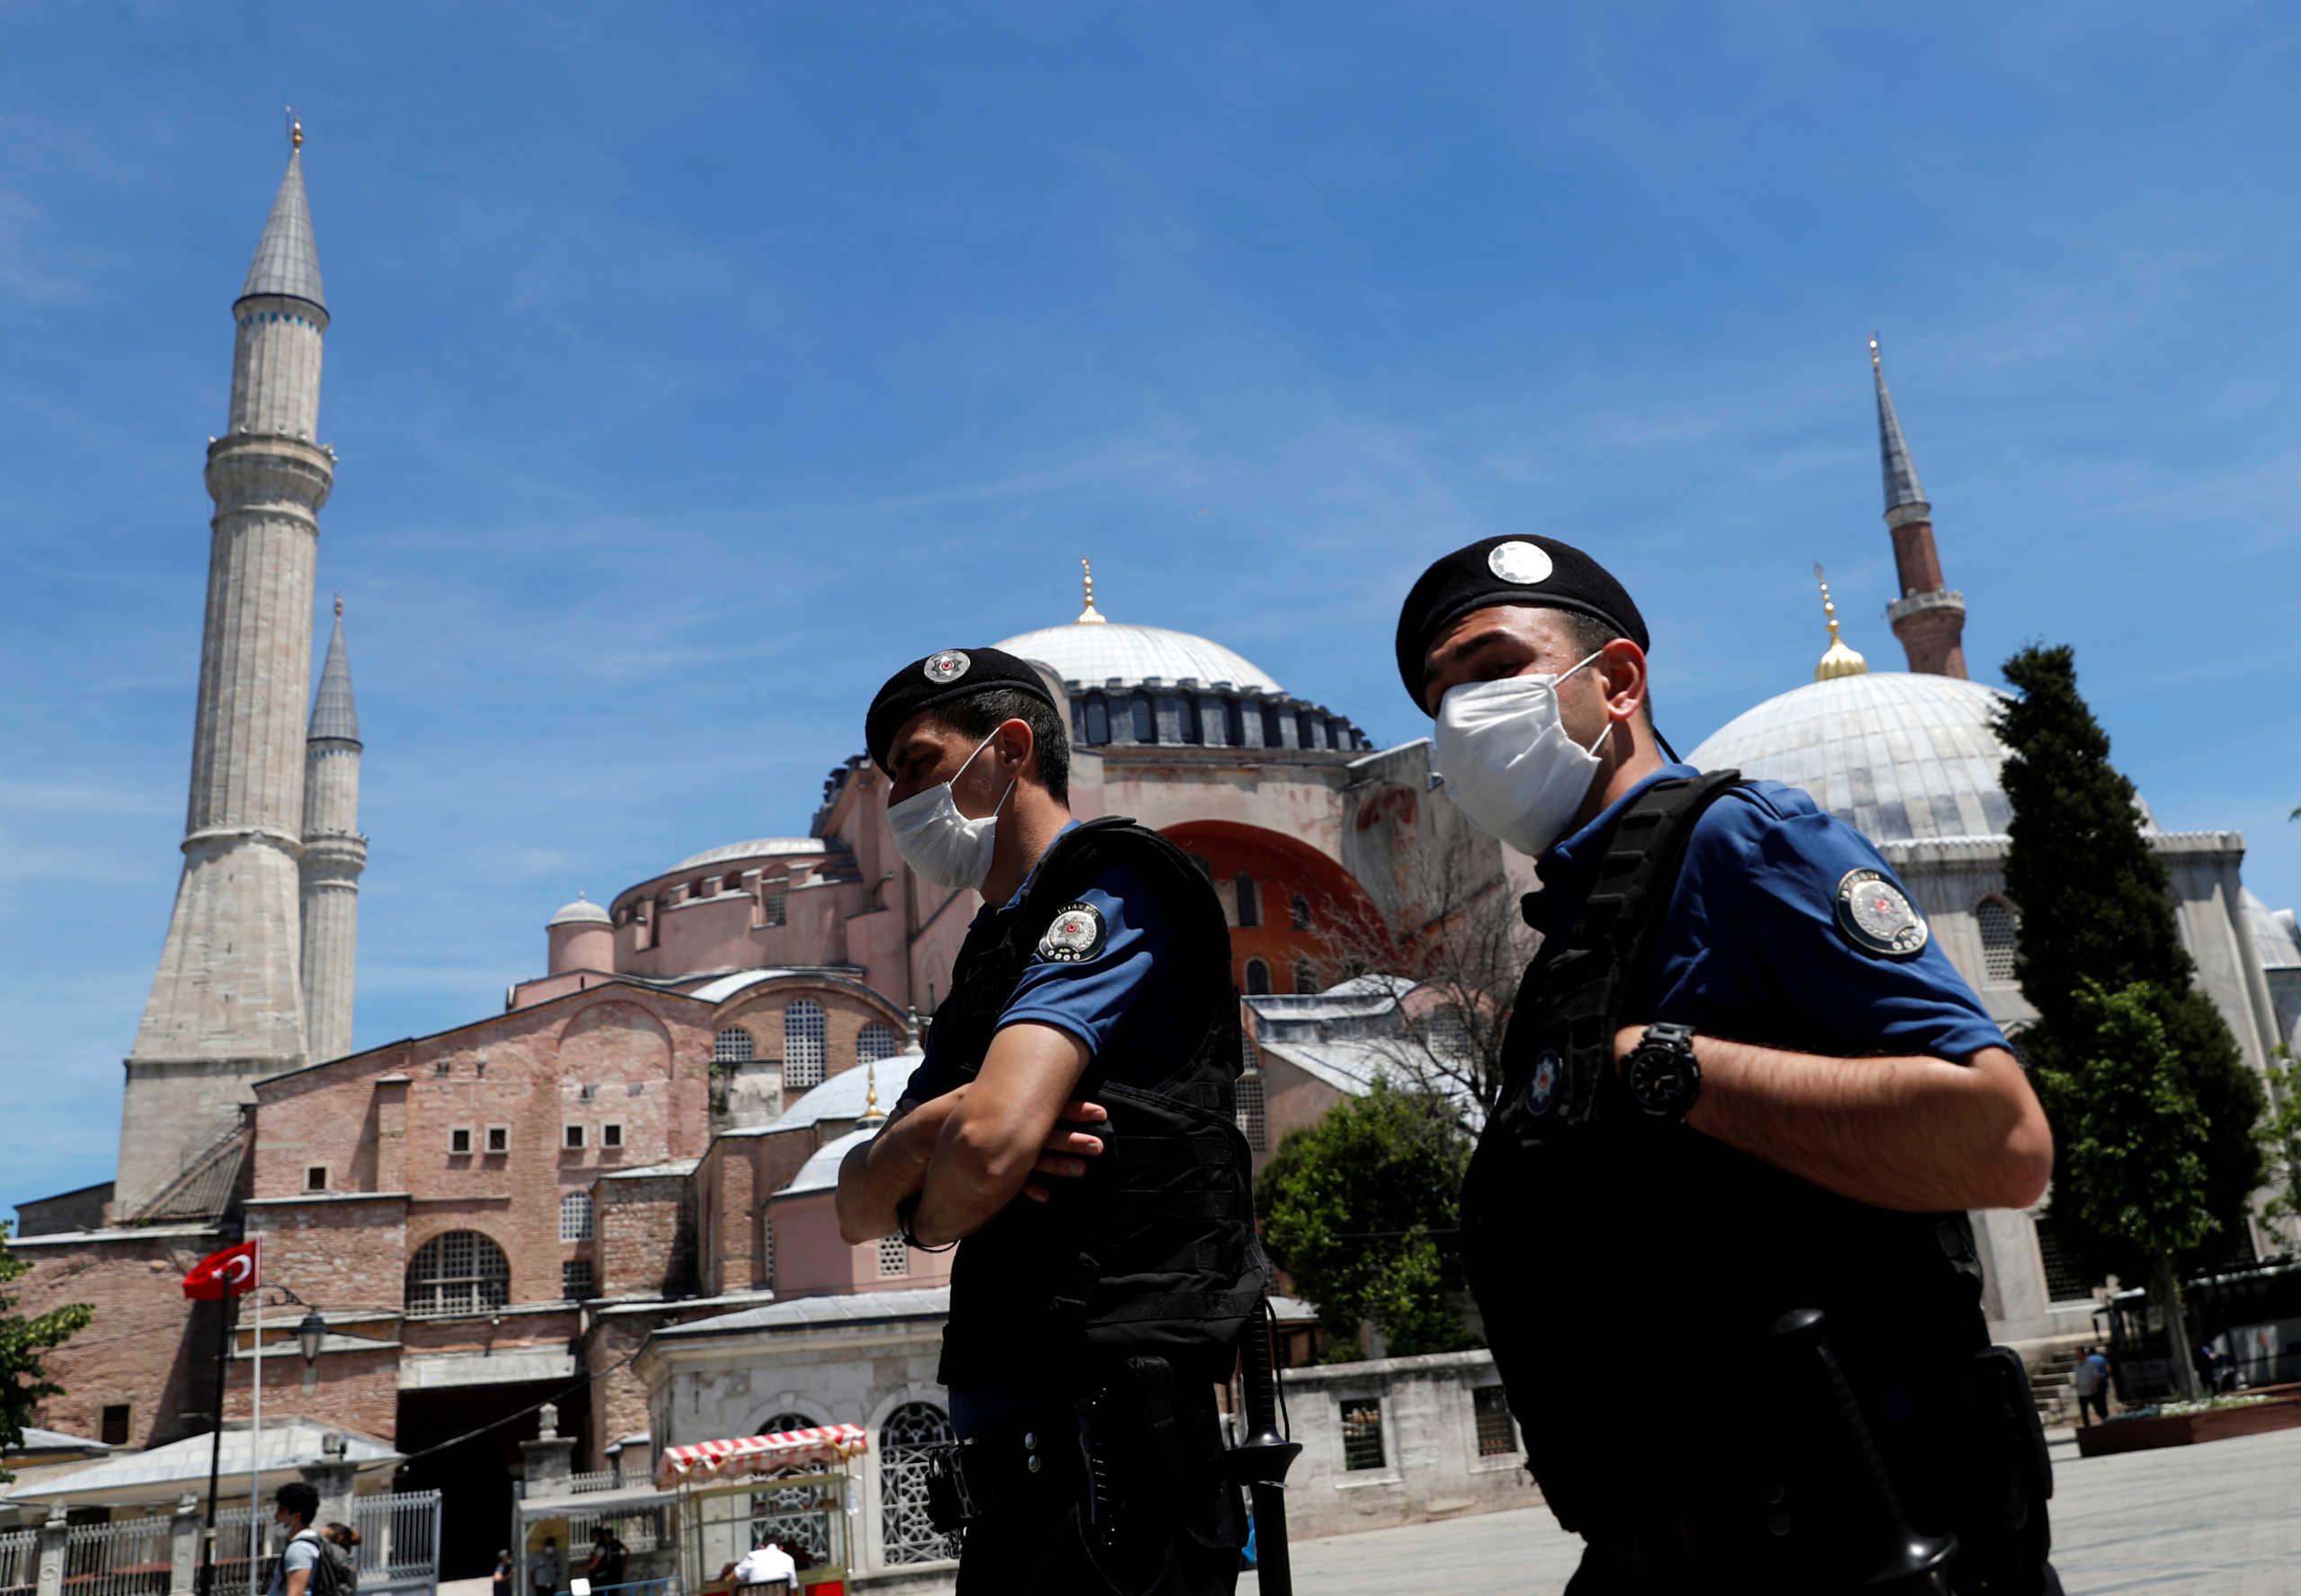 Τουρκία: Χειροπέδες σε υψηλόβαθμο  τζιχαντιστή – Σχεδίαζε τρομοκρατικό χτύπημα